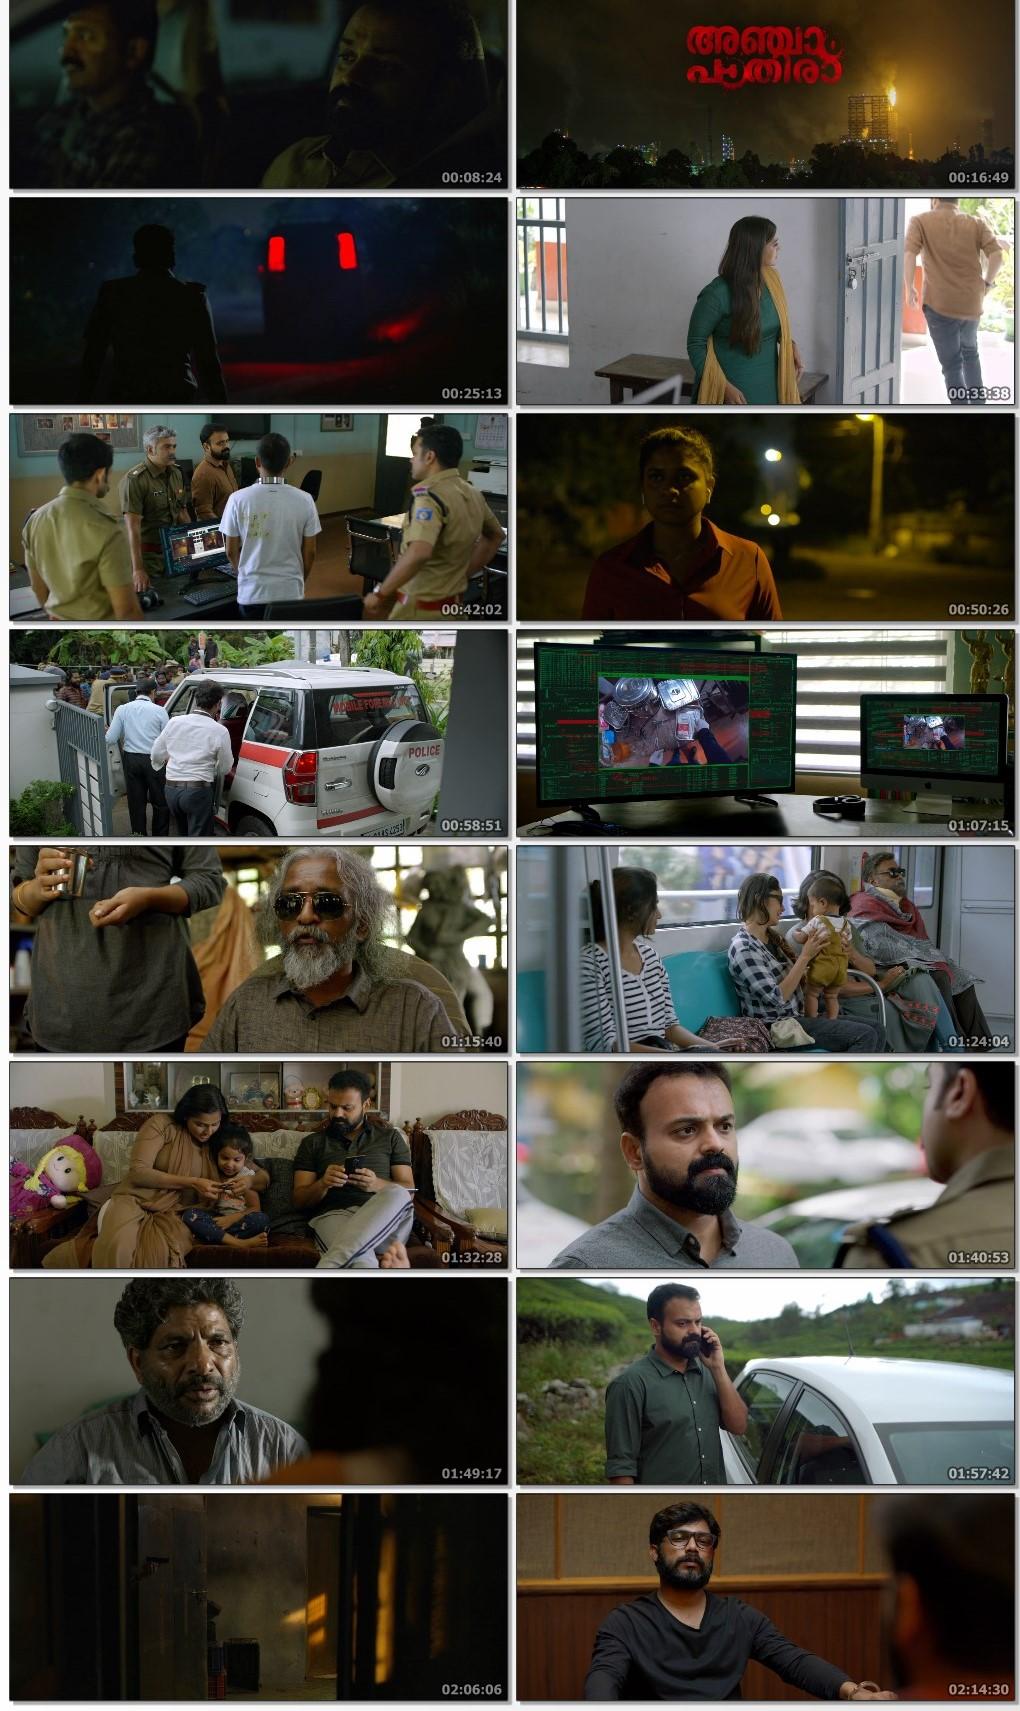 Anjaam-Pathiraa-2021-www-9kmovies-school-HQ-Hindi-Dubbed-720p-HDRip-1-3-GB-mkv-thumbsef5d29053b9d24b